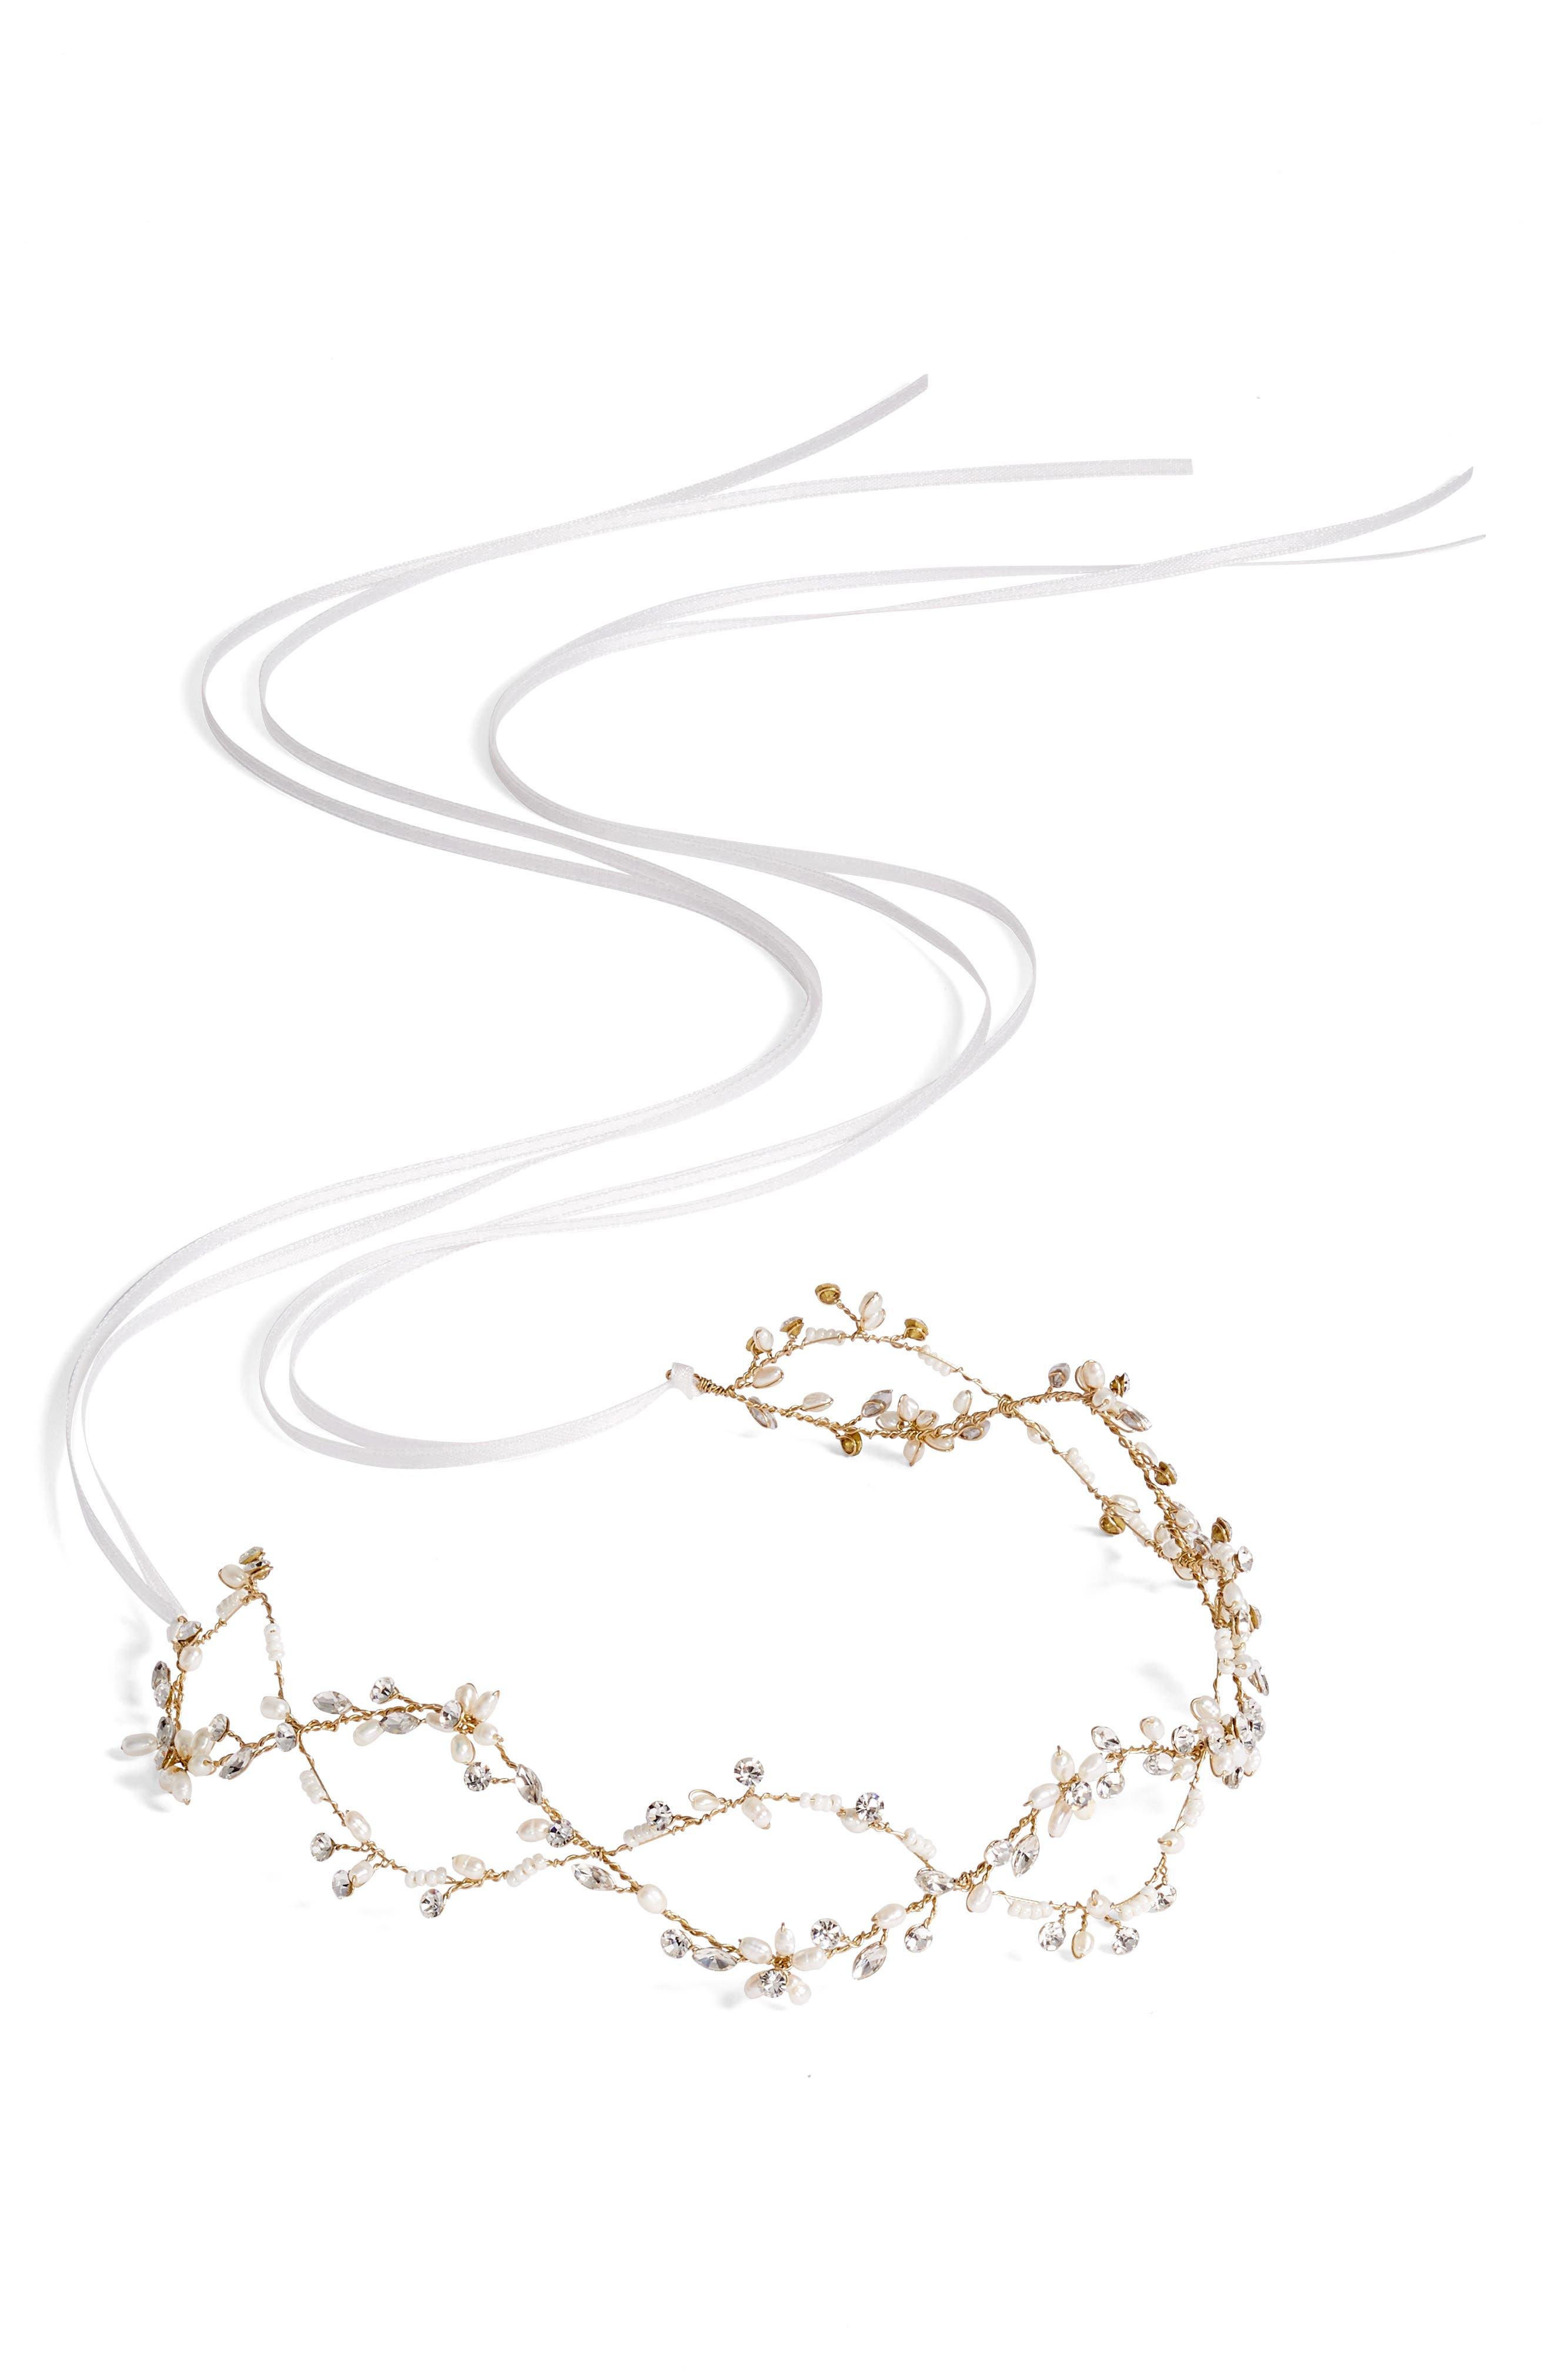 BRIDES & HAIRPINS,                             Octavia Pearl & Jeweled Halo & Sash,                             Main thumbnail 1, color,                             GOLD